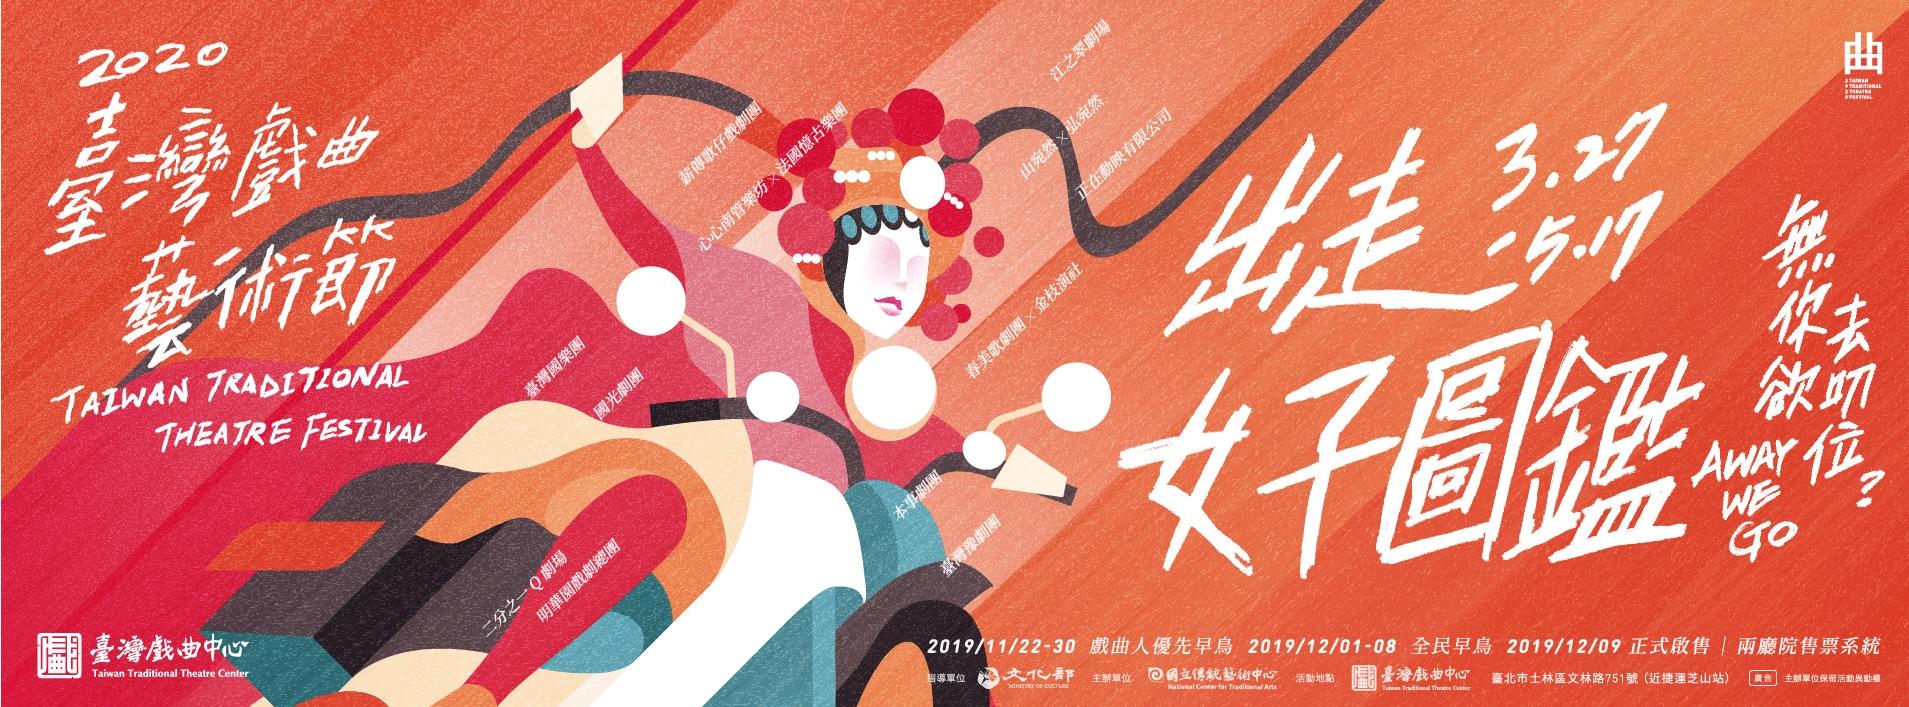 2020 Taiwan Opera Art Festival「open a new window」